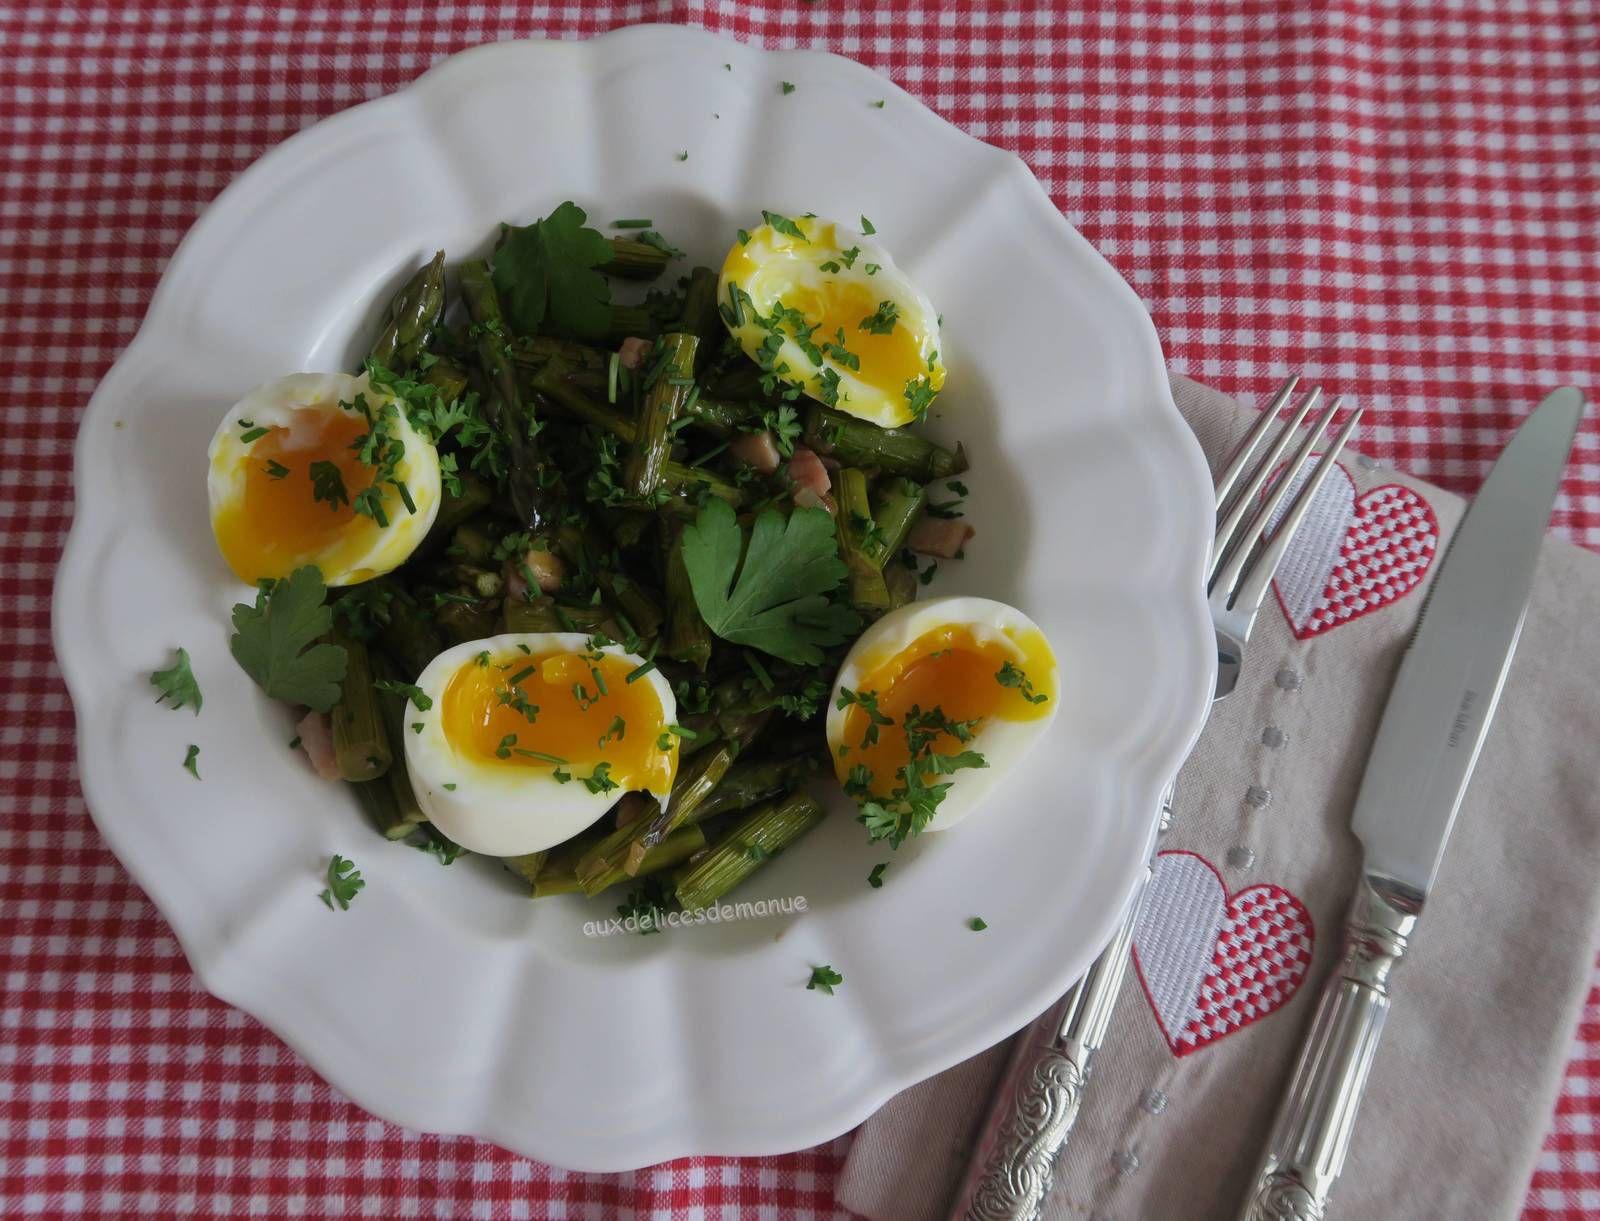 asperges,bacon,entrée,œufs,œufs mollets,printemps,asperges vertes